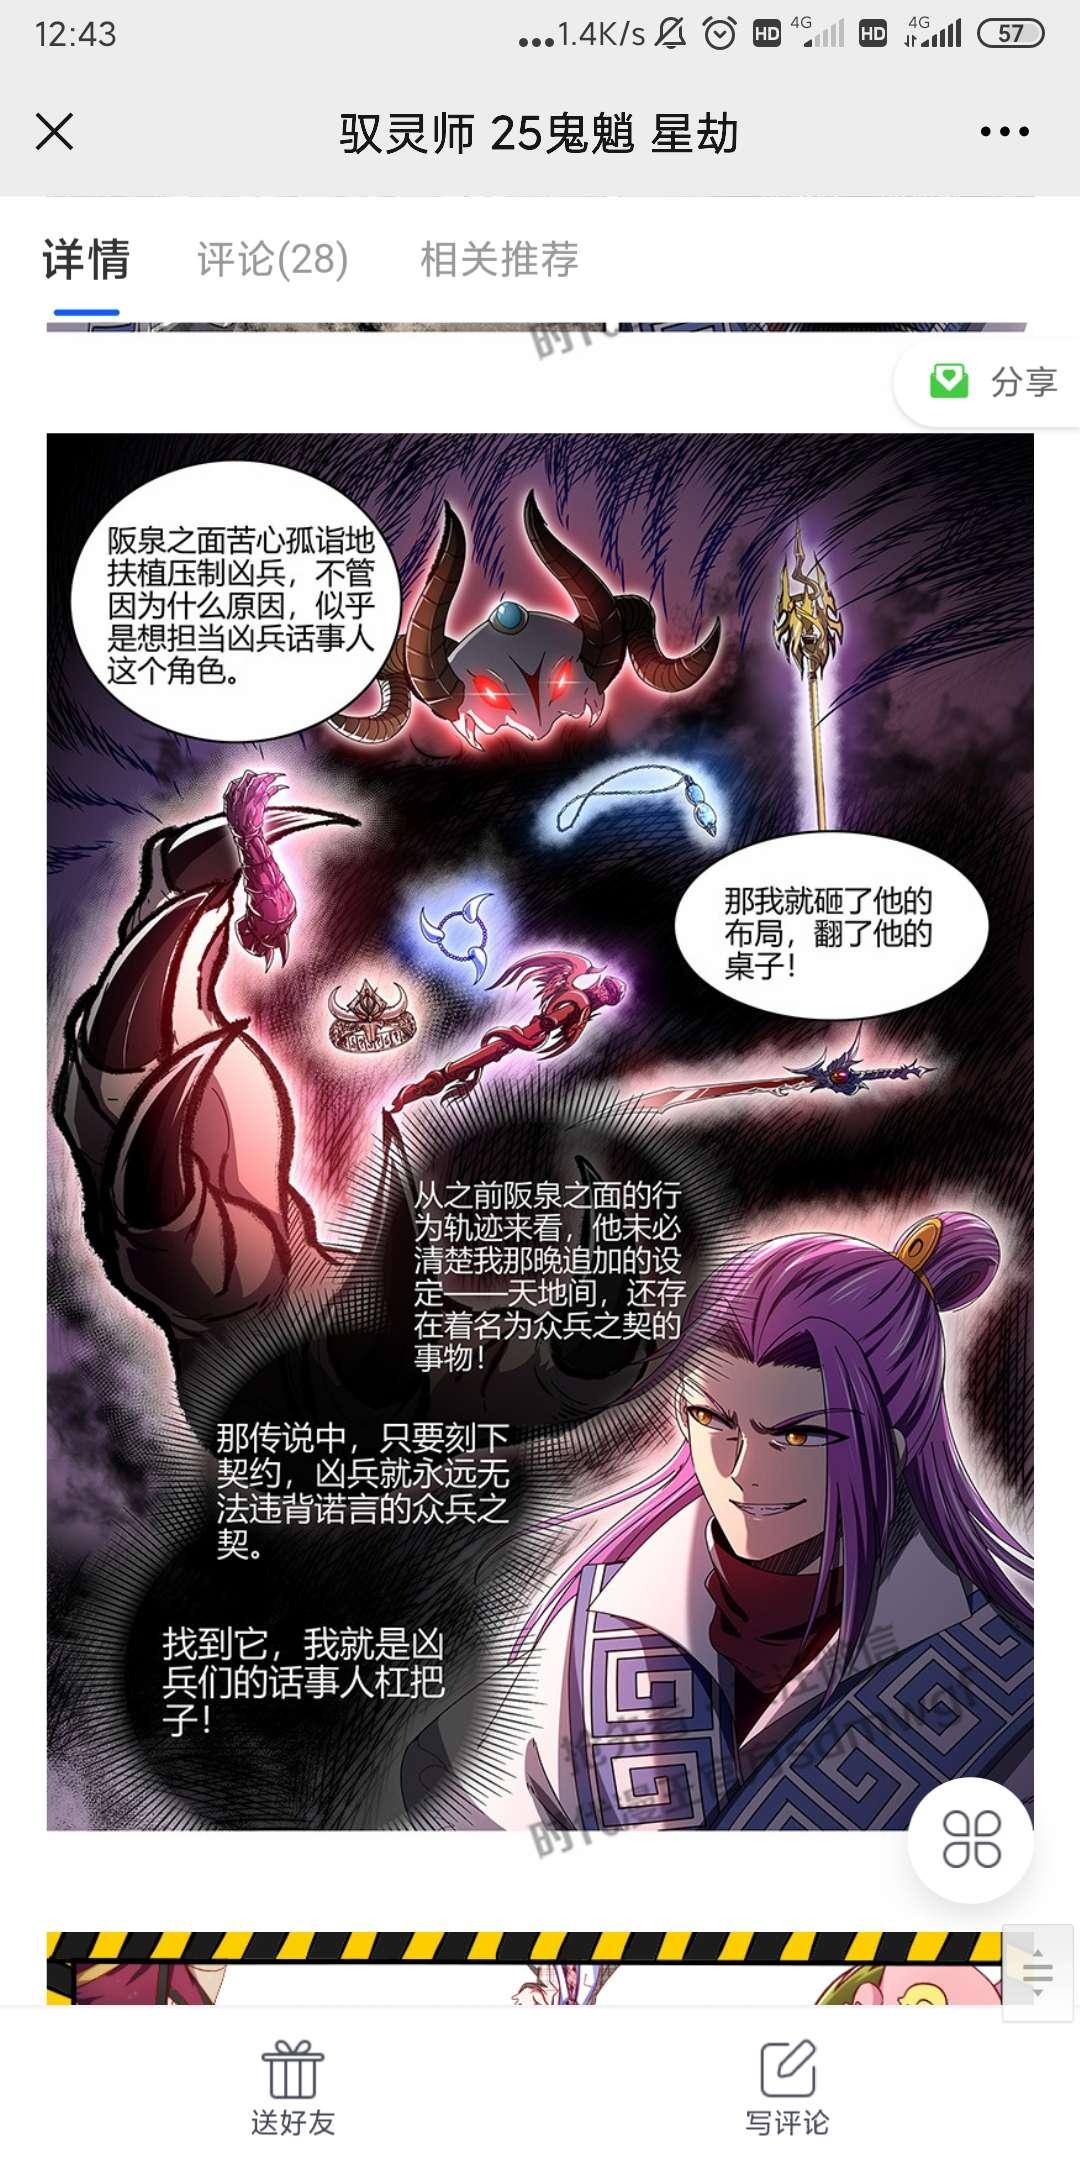 【漫画更新】《驭灵师》司难车-小柚妹站